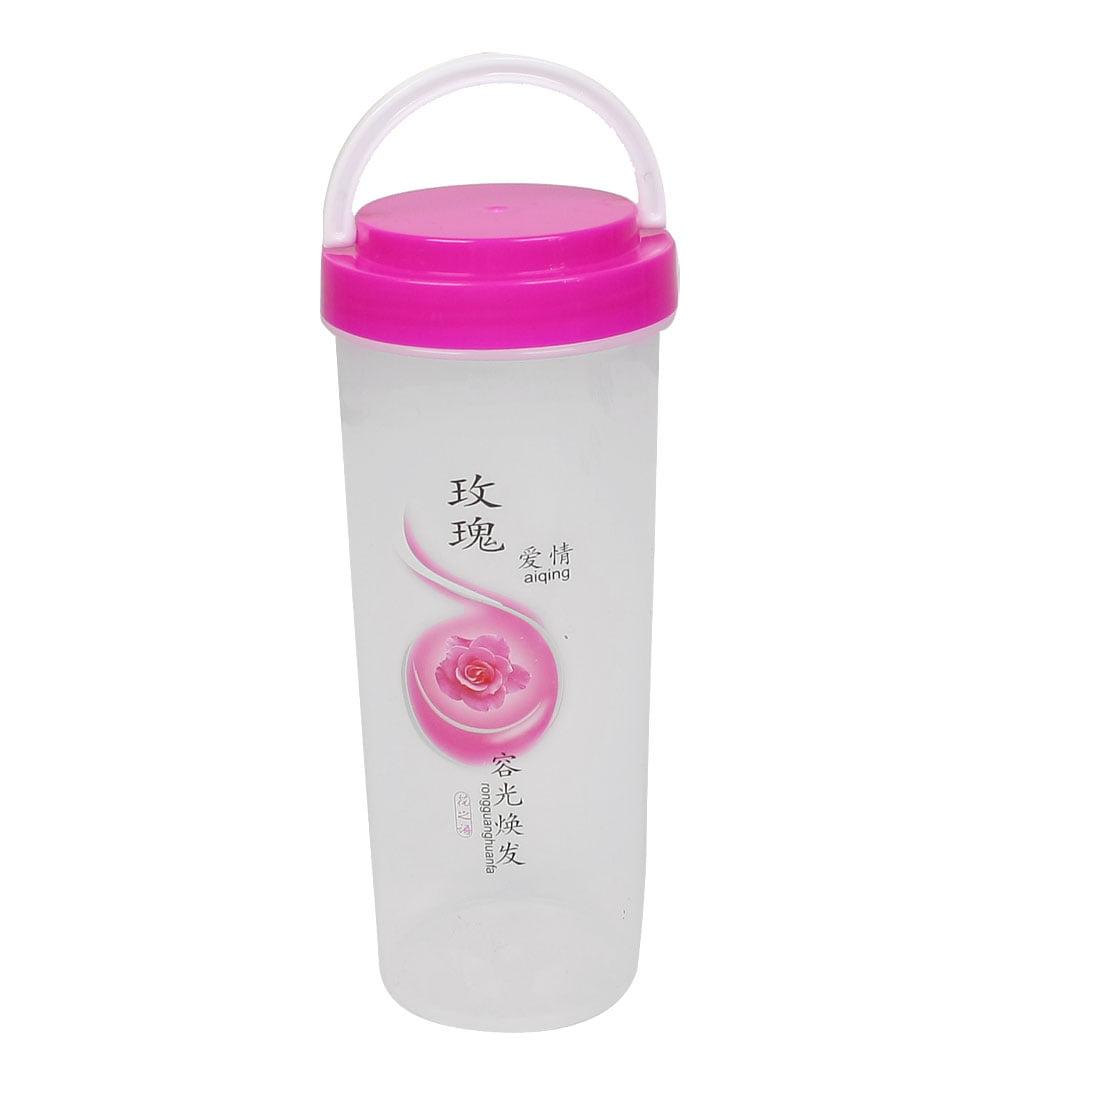 Unique Bargains Unique Bargains 500ml Rose Decor Pink Portable Handle Water Bottle for Travel - image 1 of 1